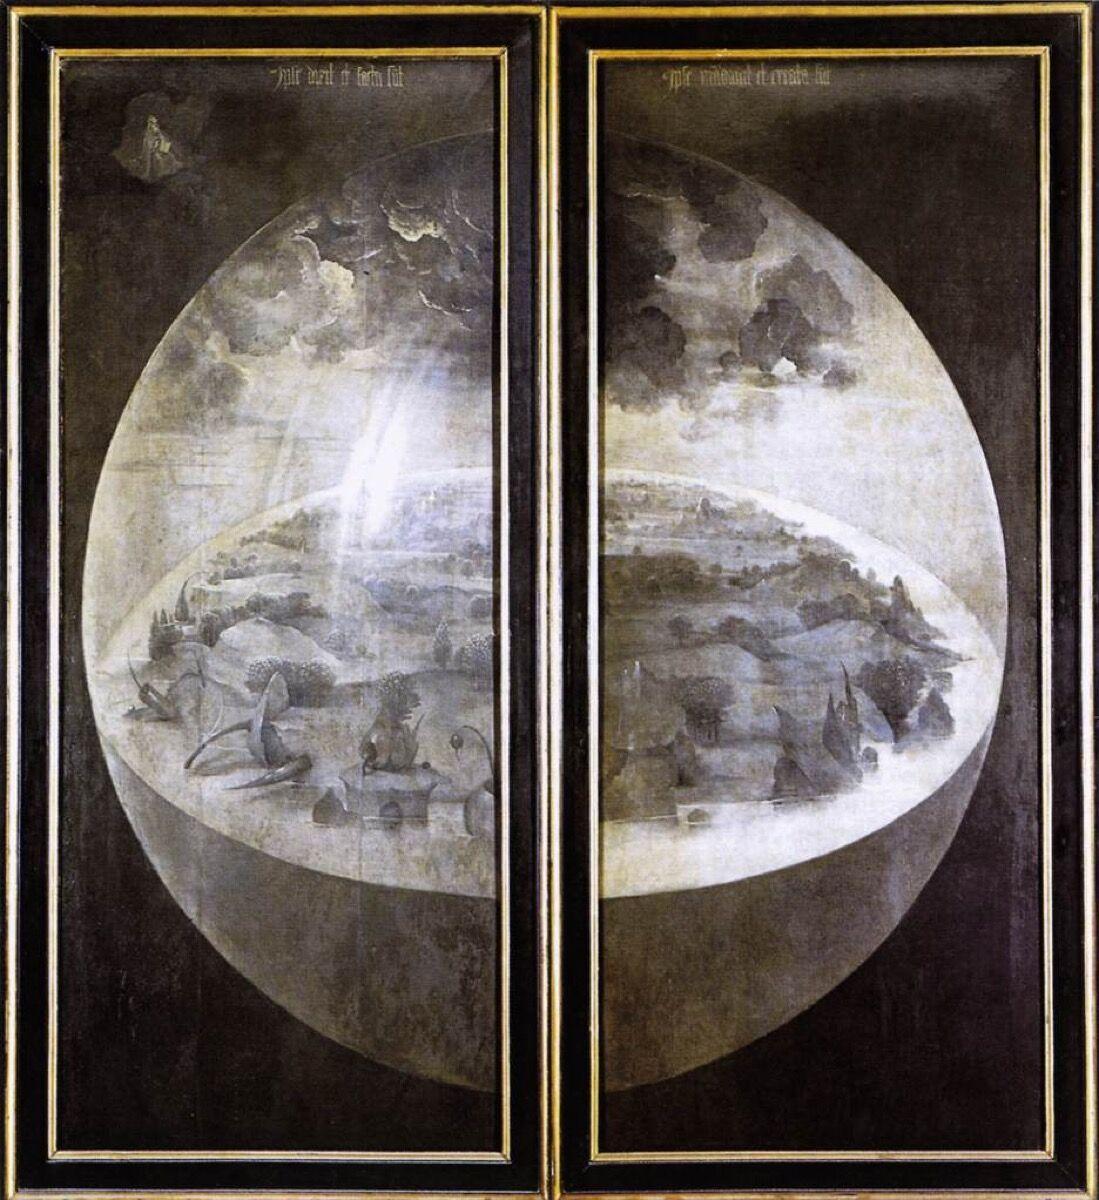 Puertas exteriores de Hieronymus Bosch, El jardín de las delicias, 1490-1500.  Imagen vía Wikimedia Commons.